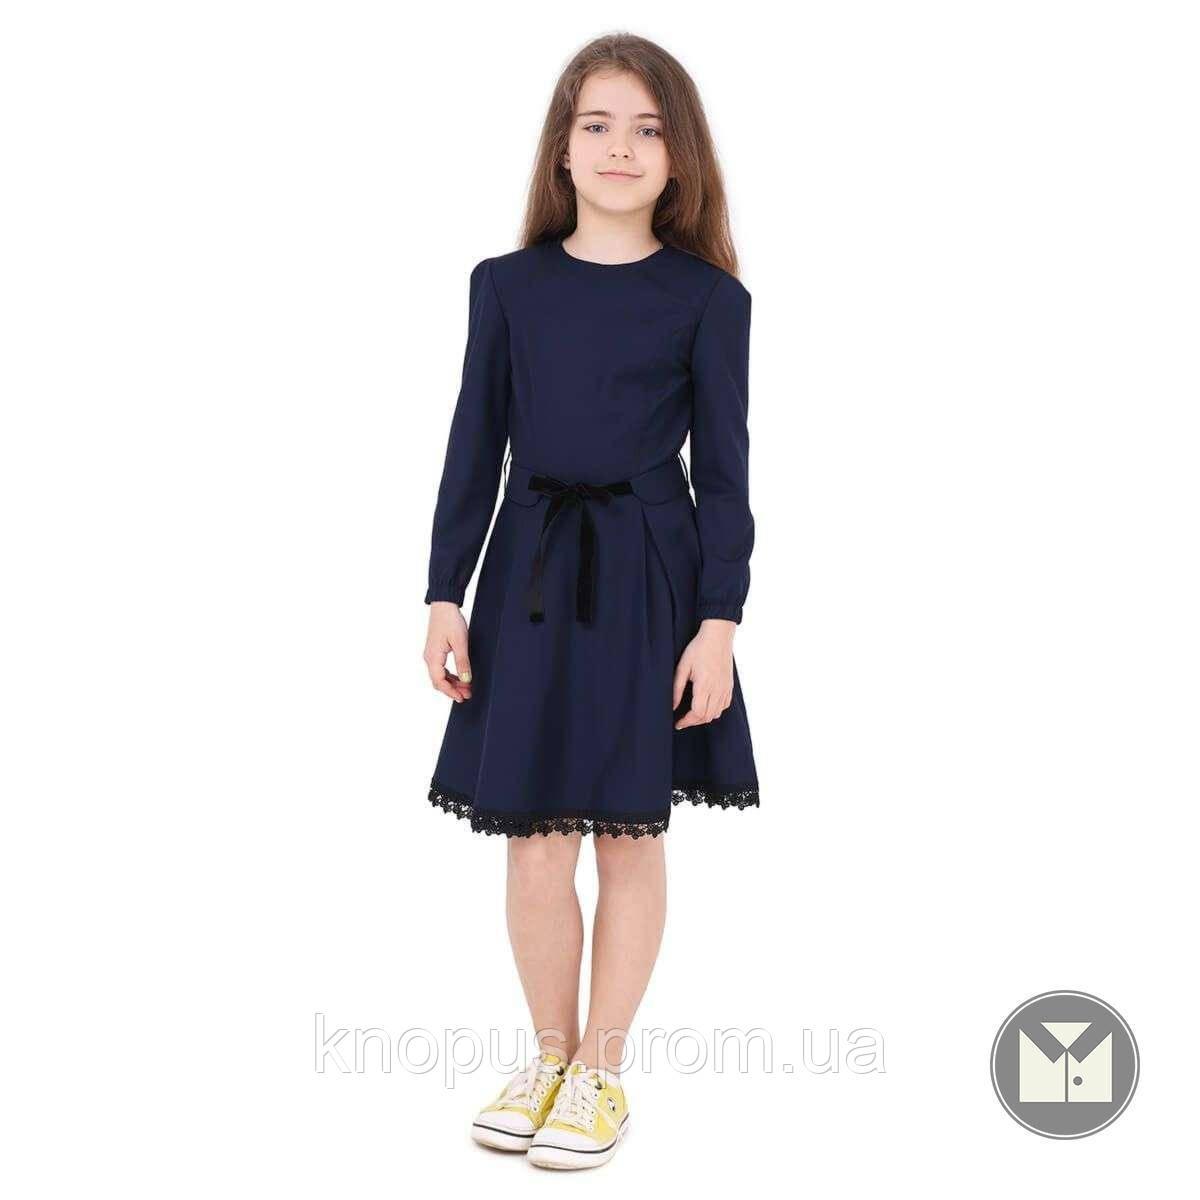 Платье для девочки полушерстяное, синее, Timbo